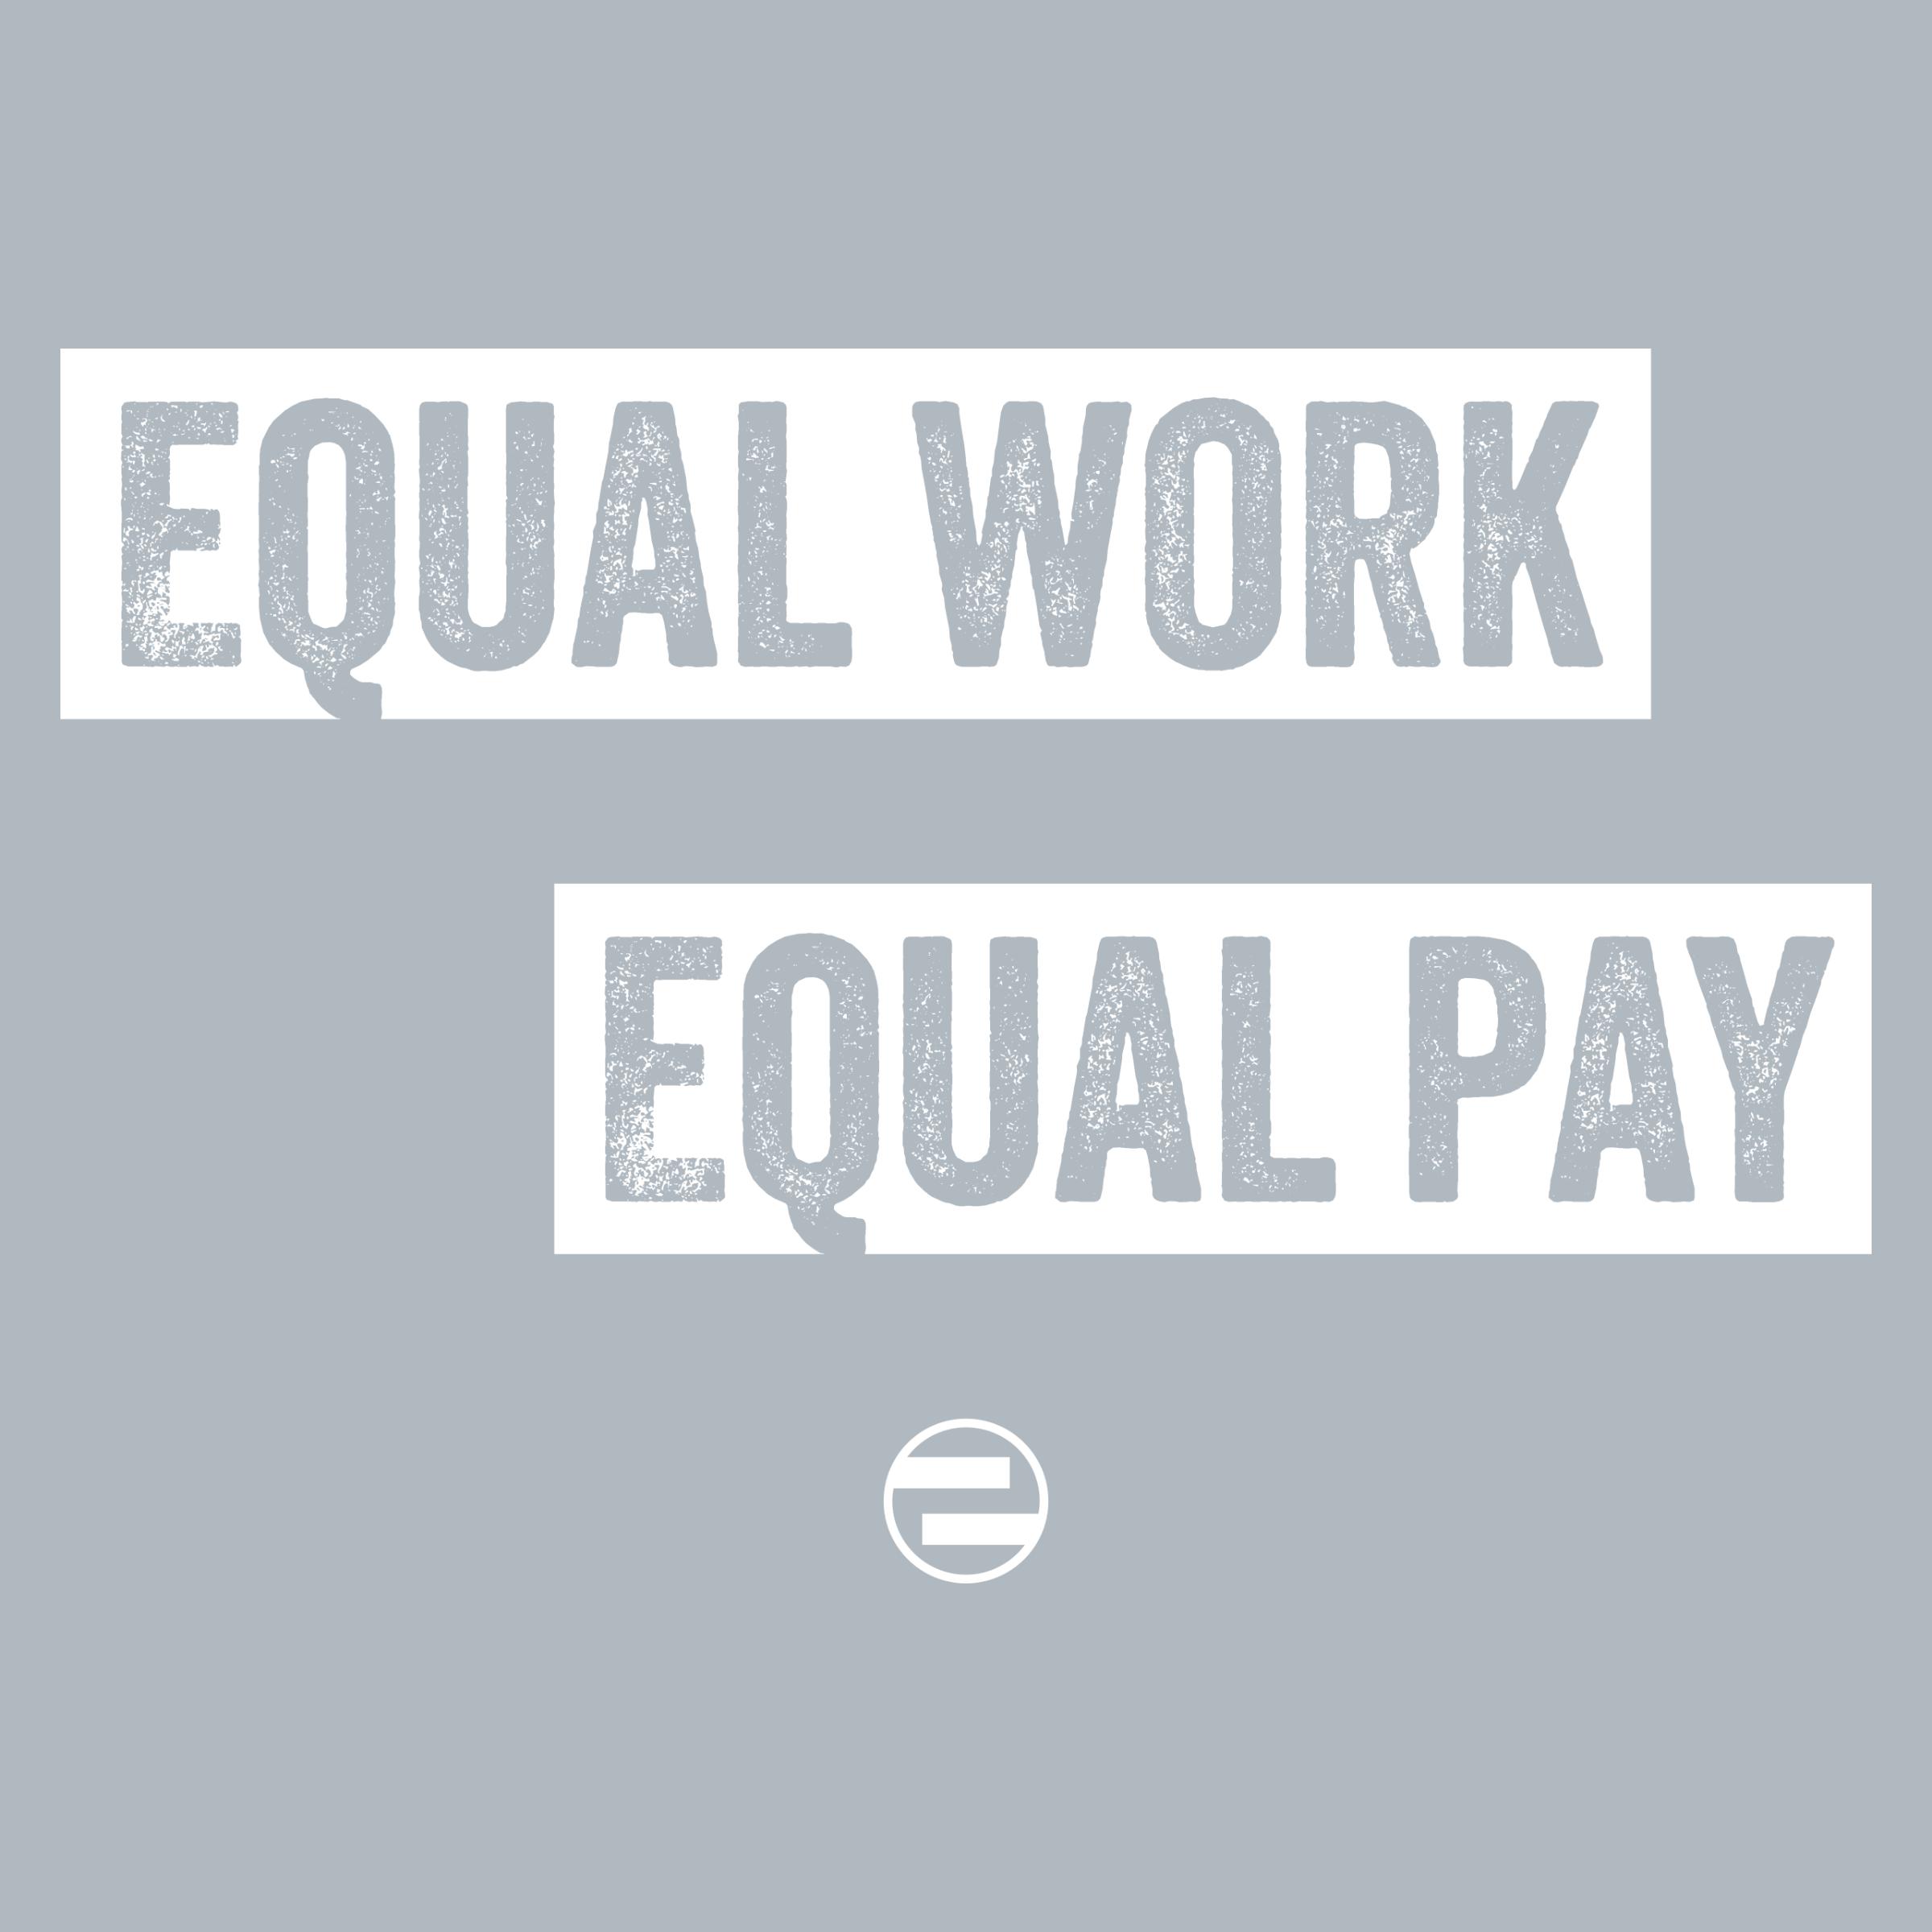 """GenEquality """"Equal Work Equal Pay"""" Kids Tee & Onesie Detail"""